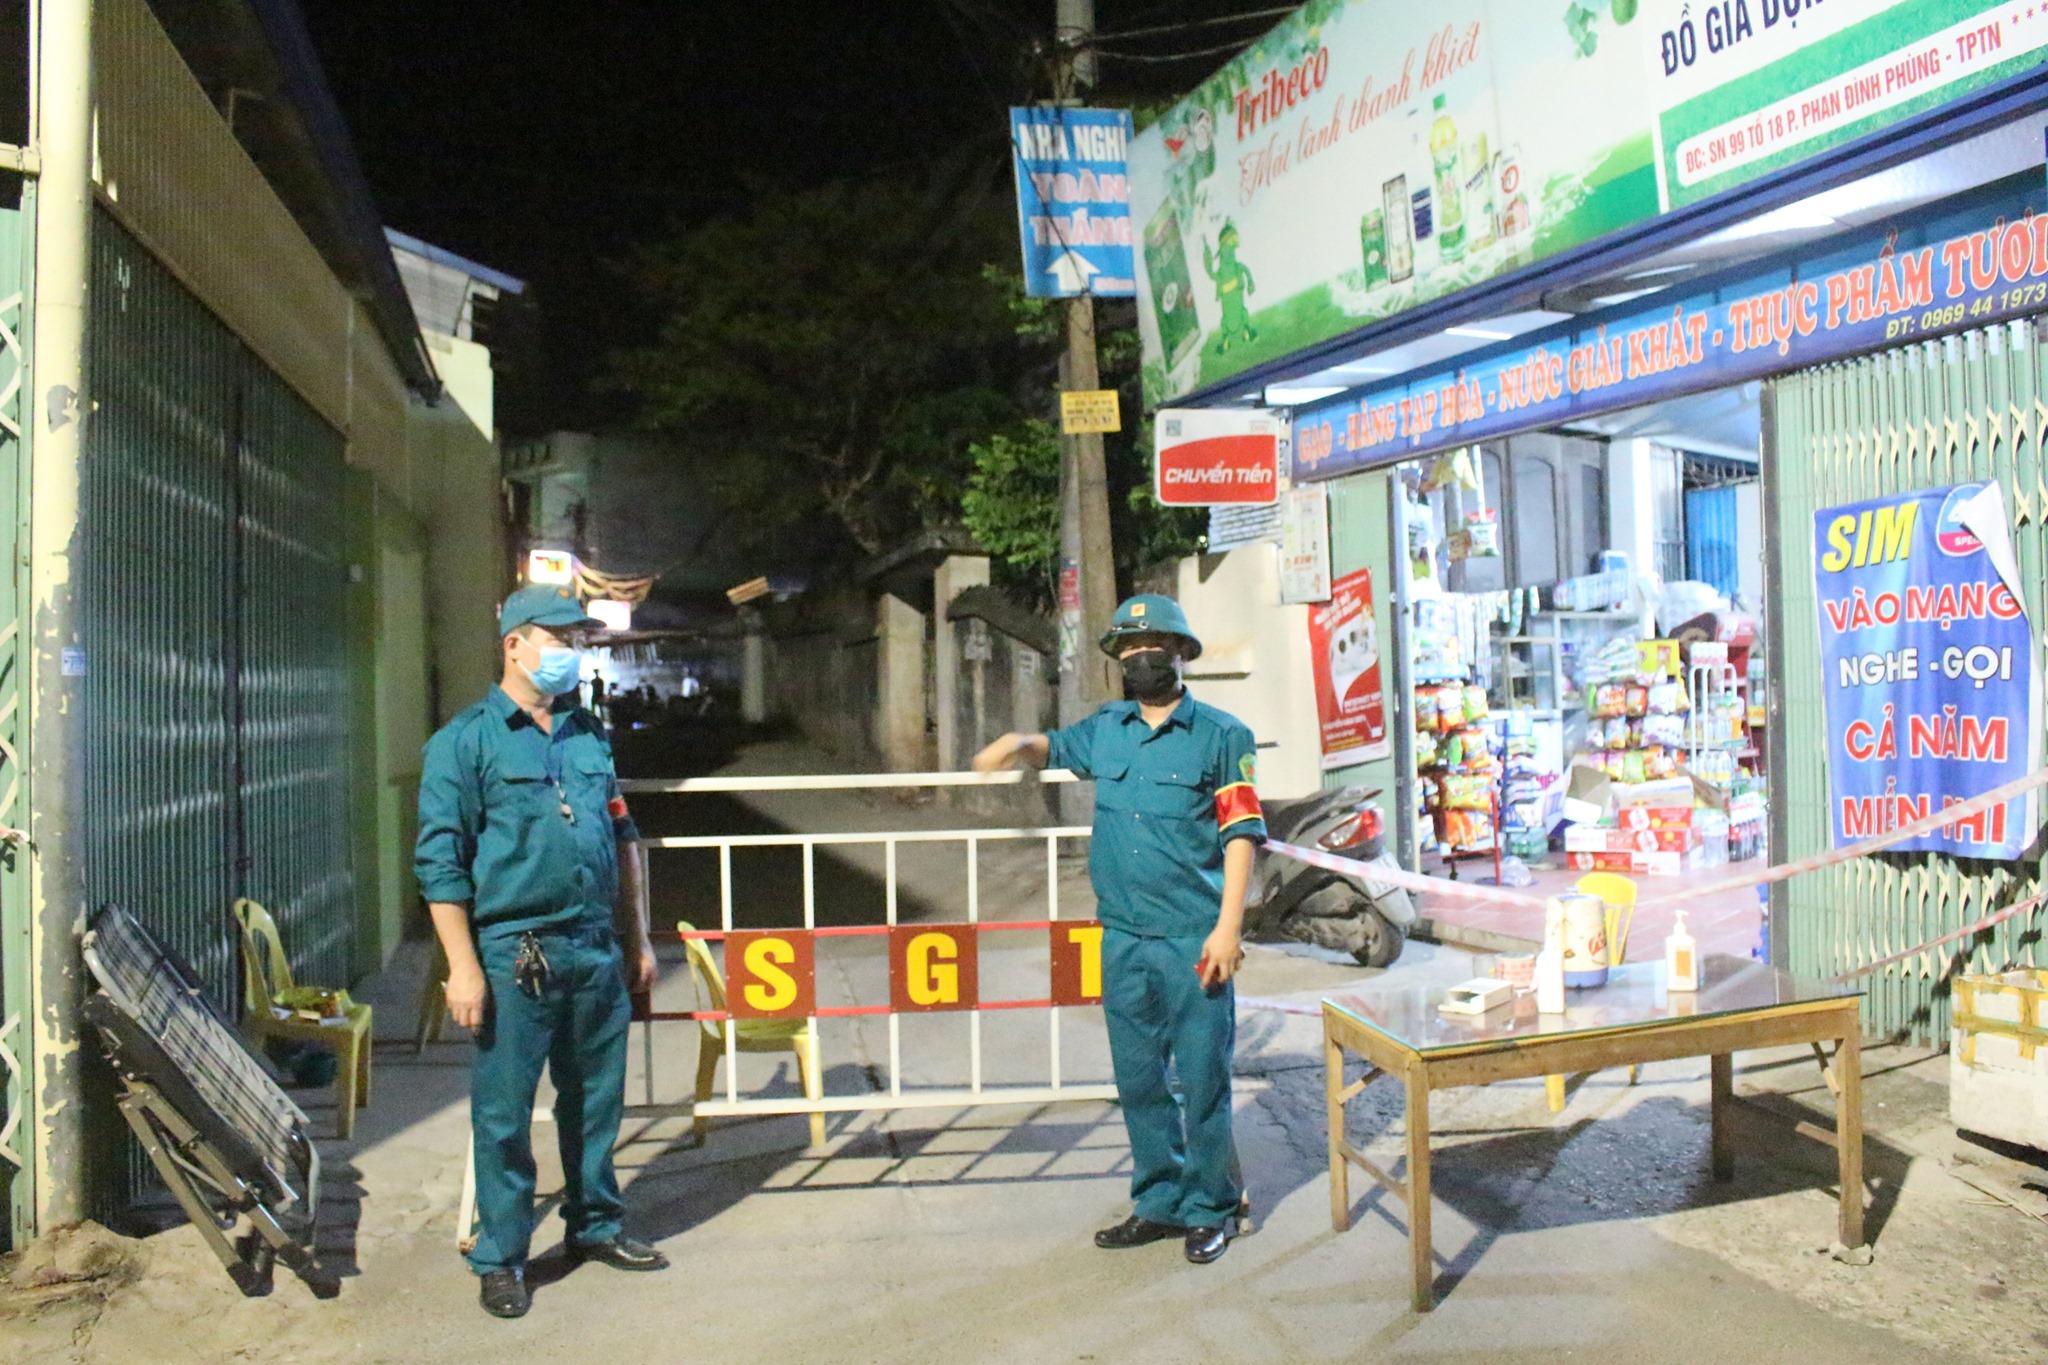 Thái Nguyên lập các chốt kiểm soát, truy vết ngay trong đêm liên quan đến ca dương tính. Ảnh: Đài PTTH Thái Nguyên